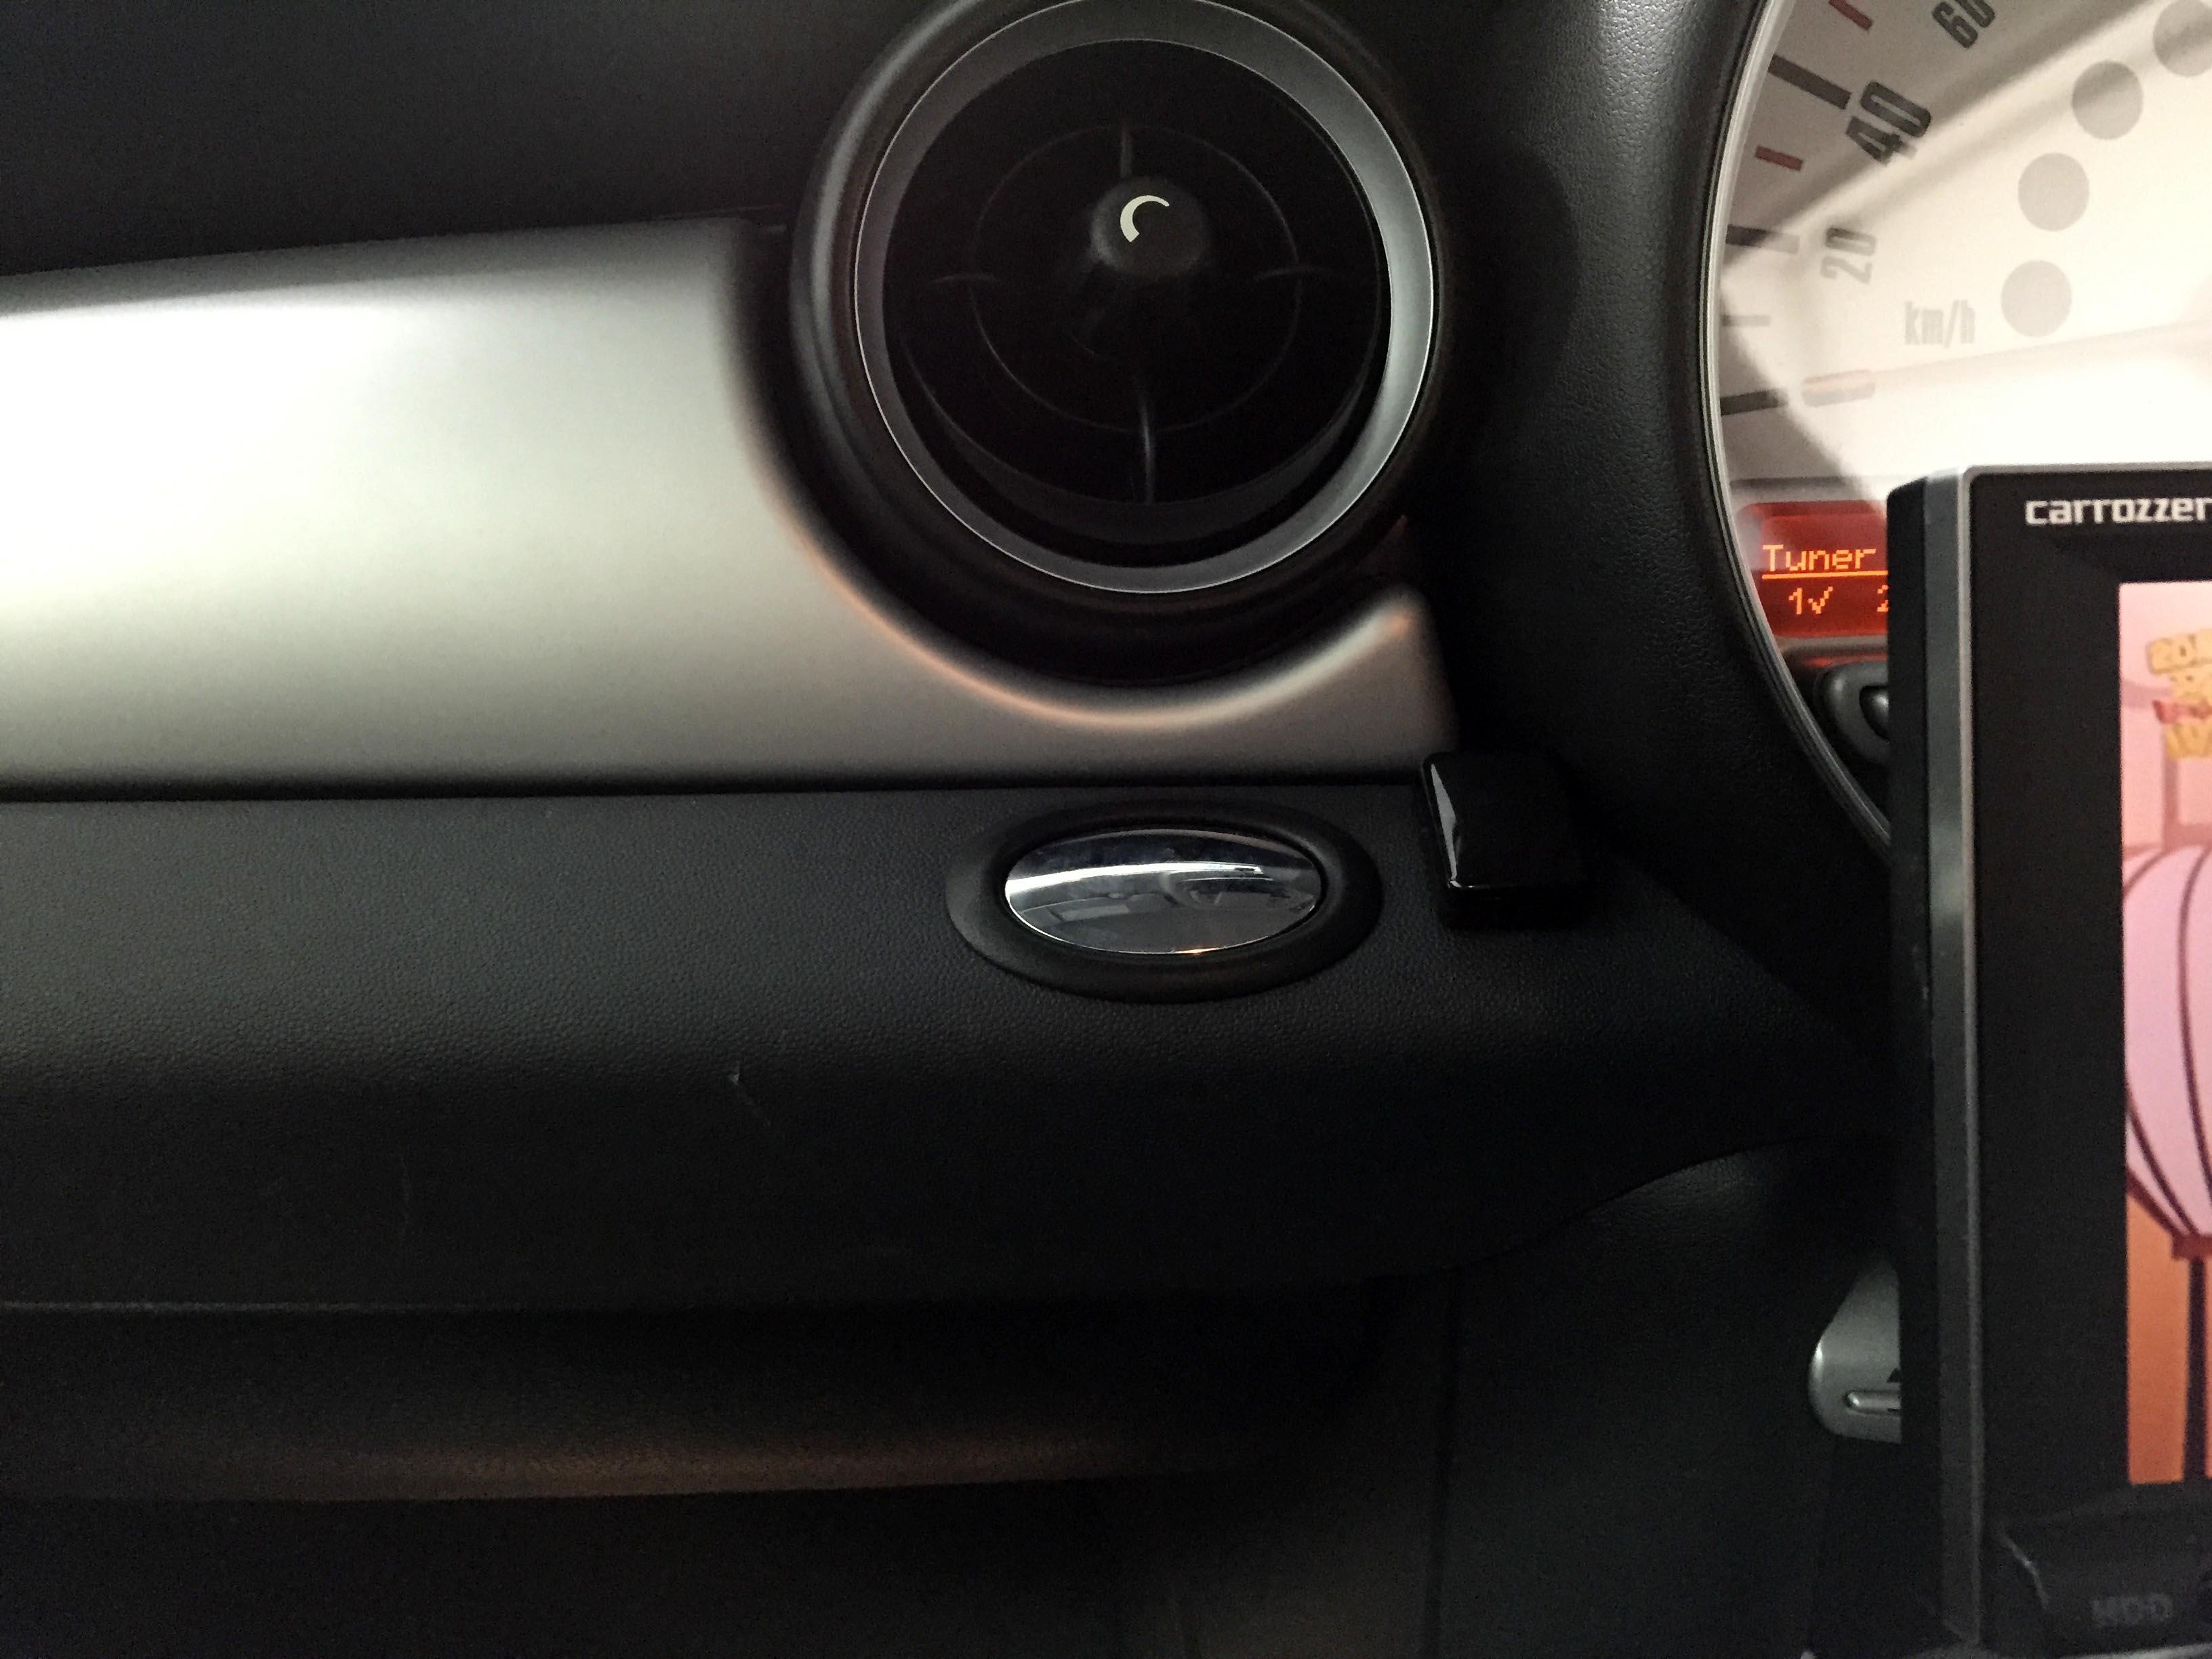 BMW MINI クラブマン地デジチューナー取り付けリモコン受光部